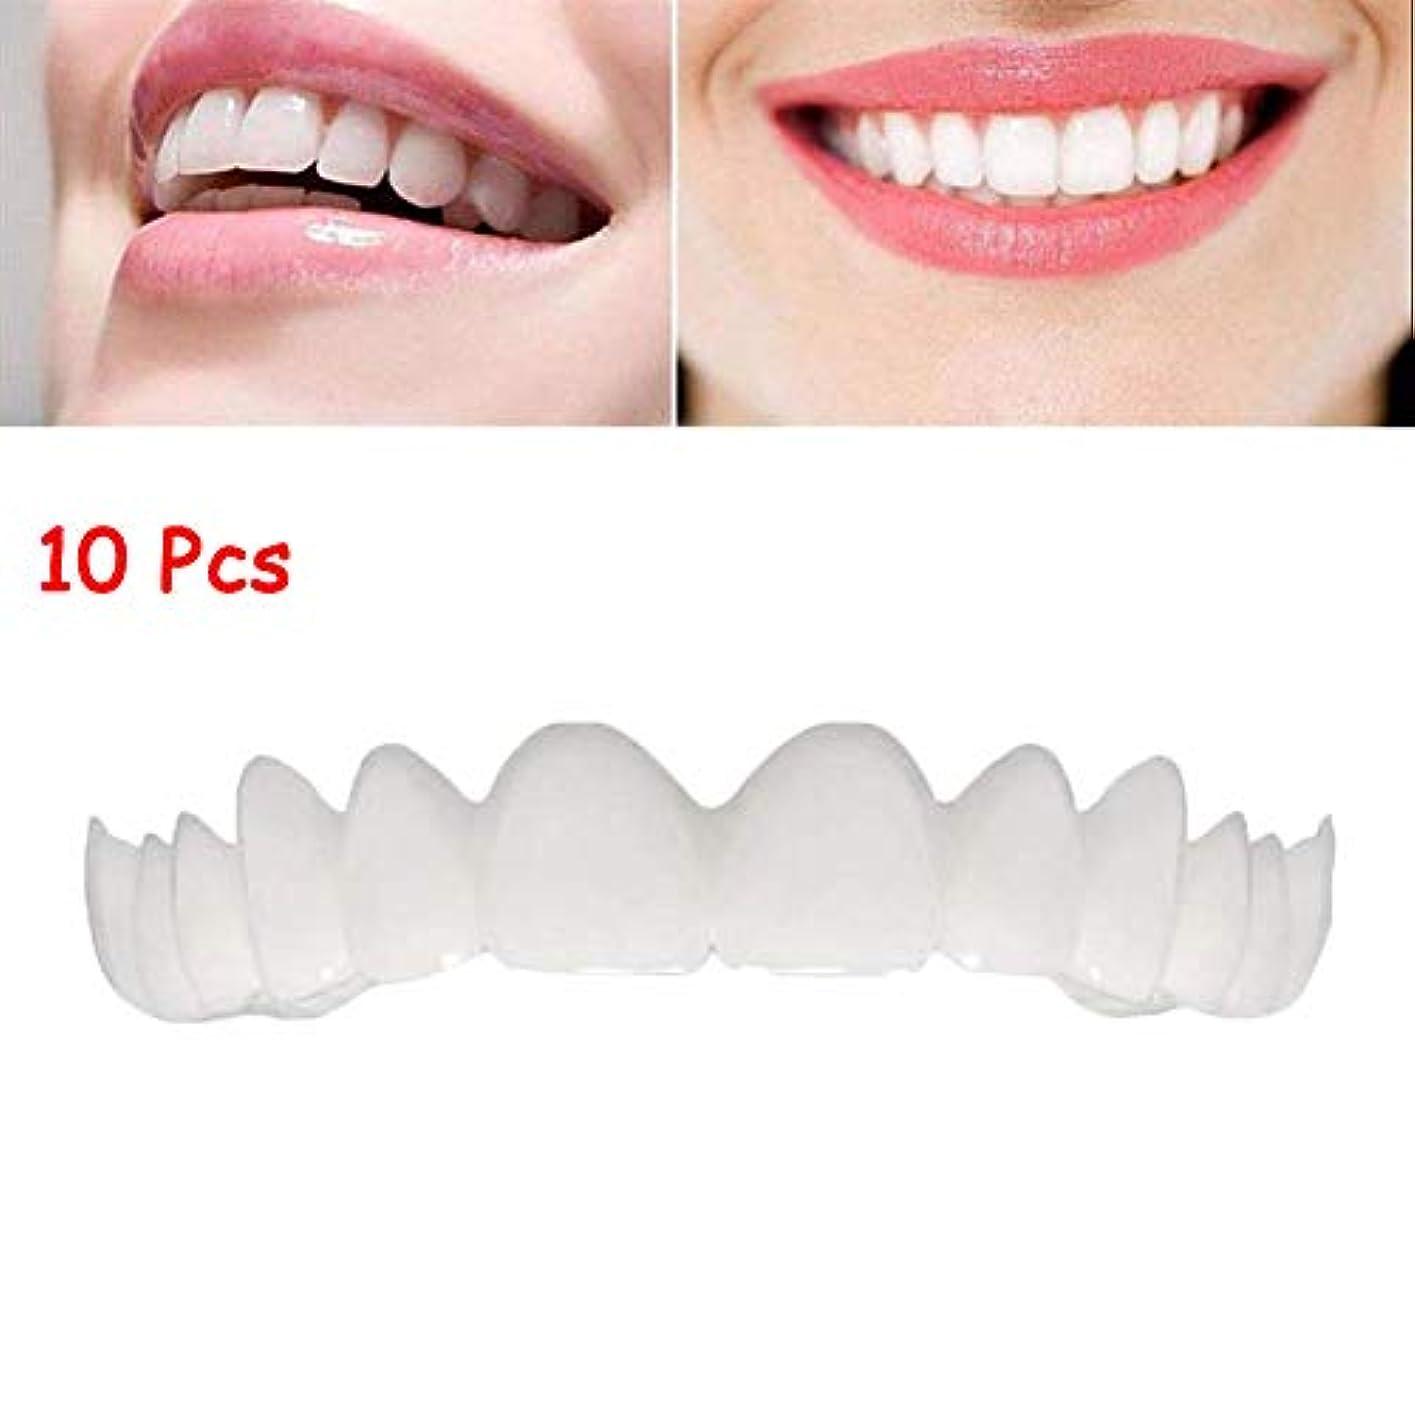 国民投票ステートメント論理的に10本の一時的な化粧品の歯義歯歯の化粧品模擬装具アッパーブレースホワイトニング歯スナップキャップインスタント快適なフレックスパーフェクトベニア